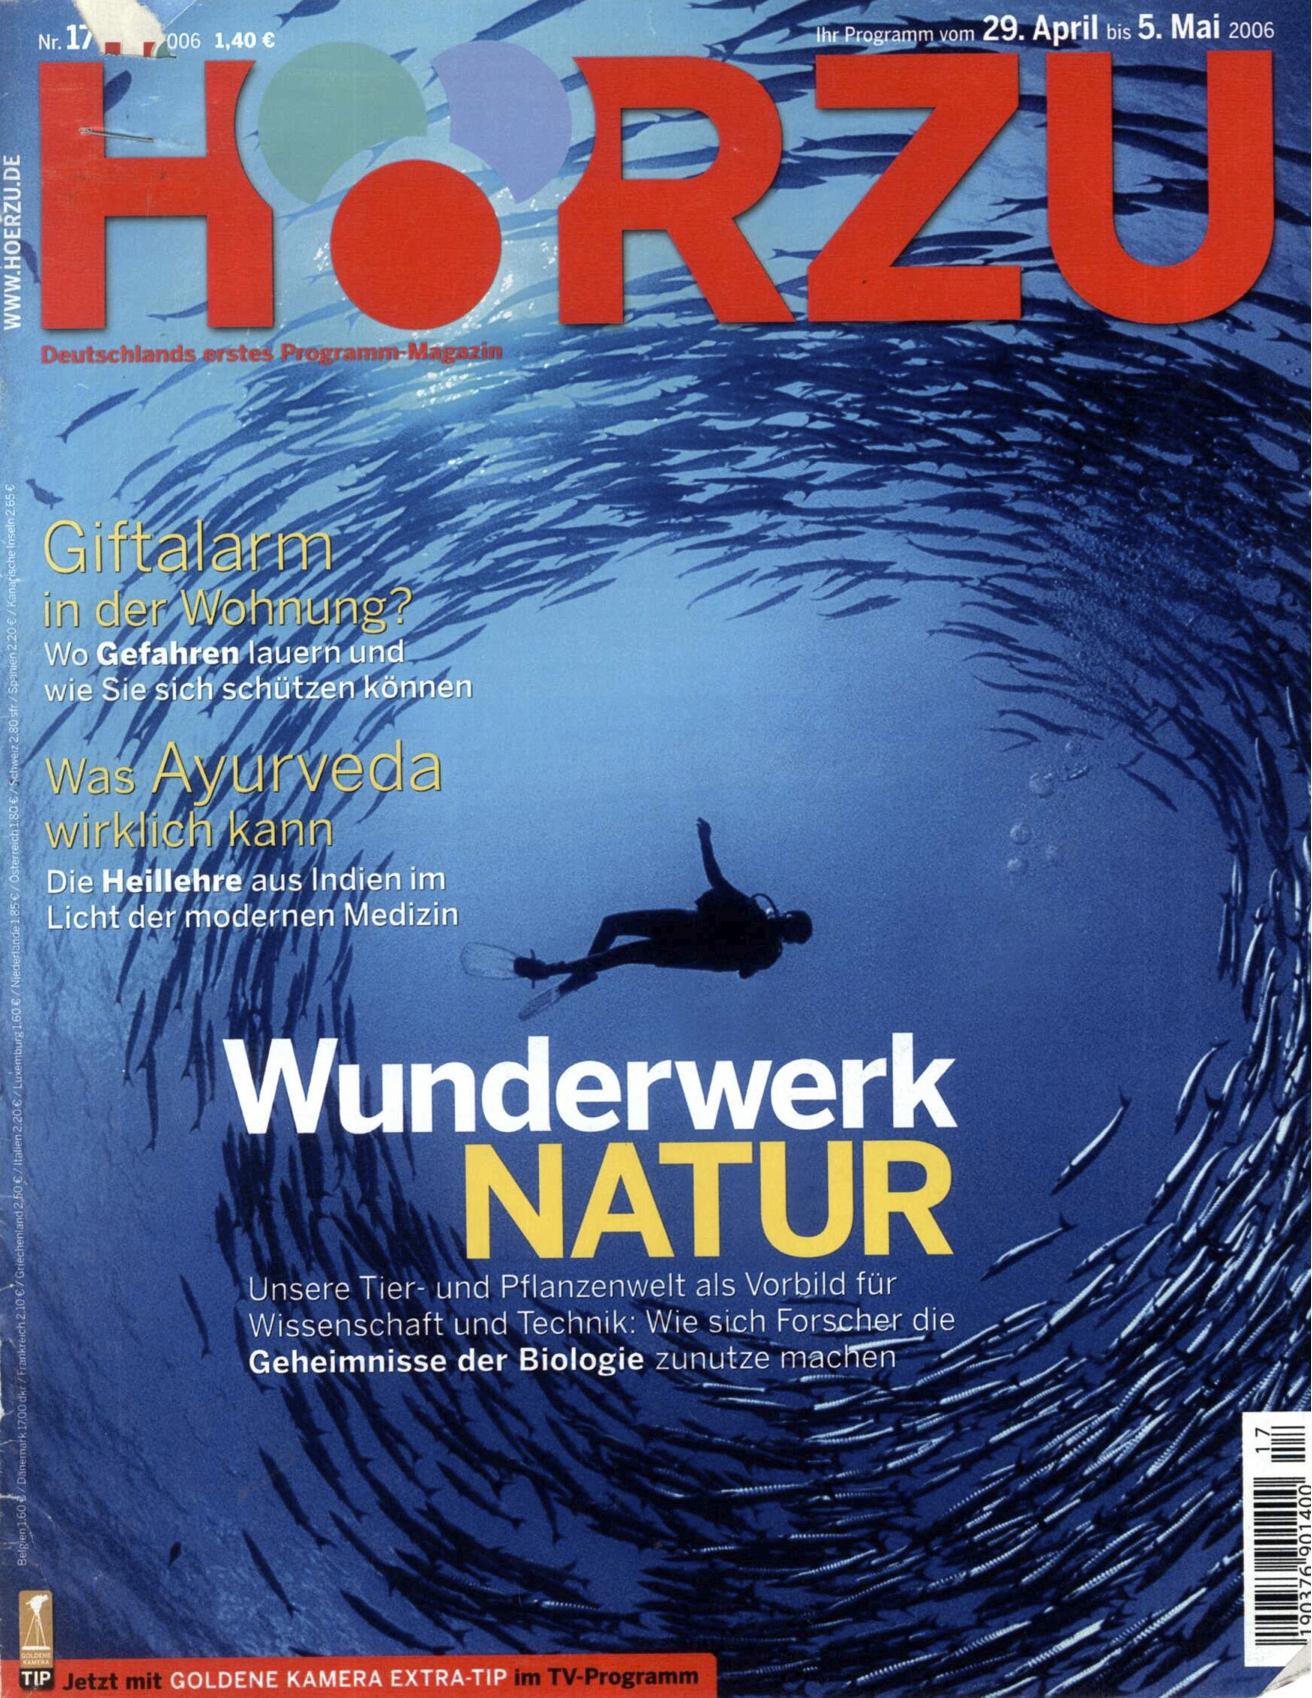 HZ_26.4.2006_Cover.jpg